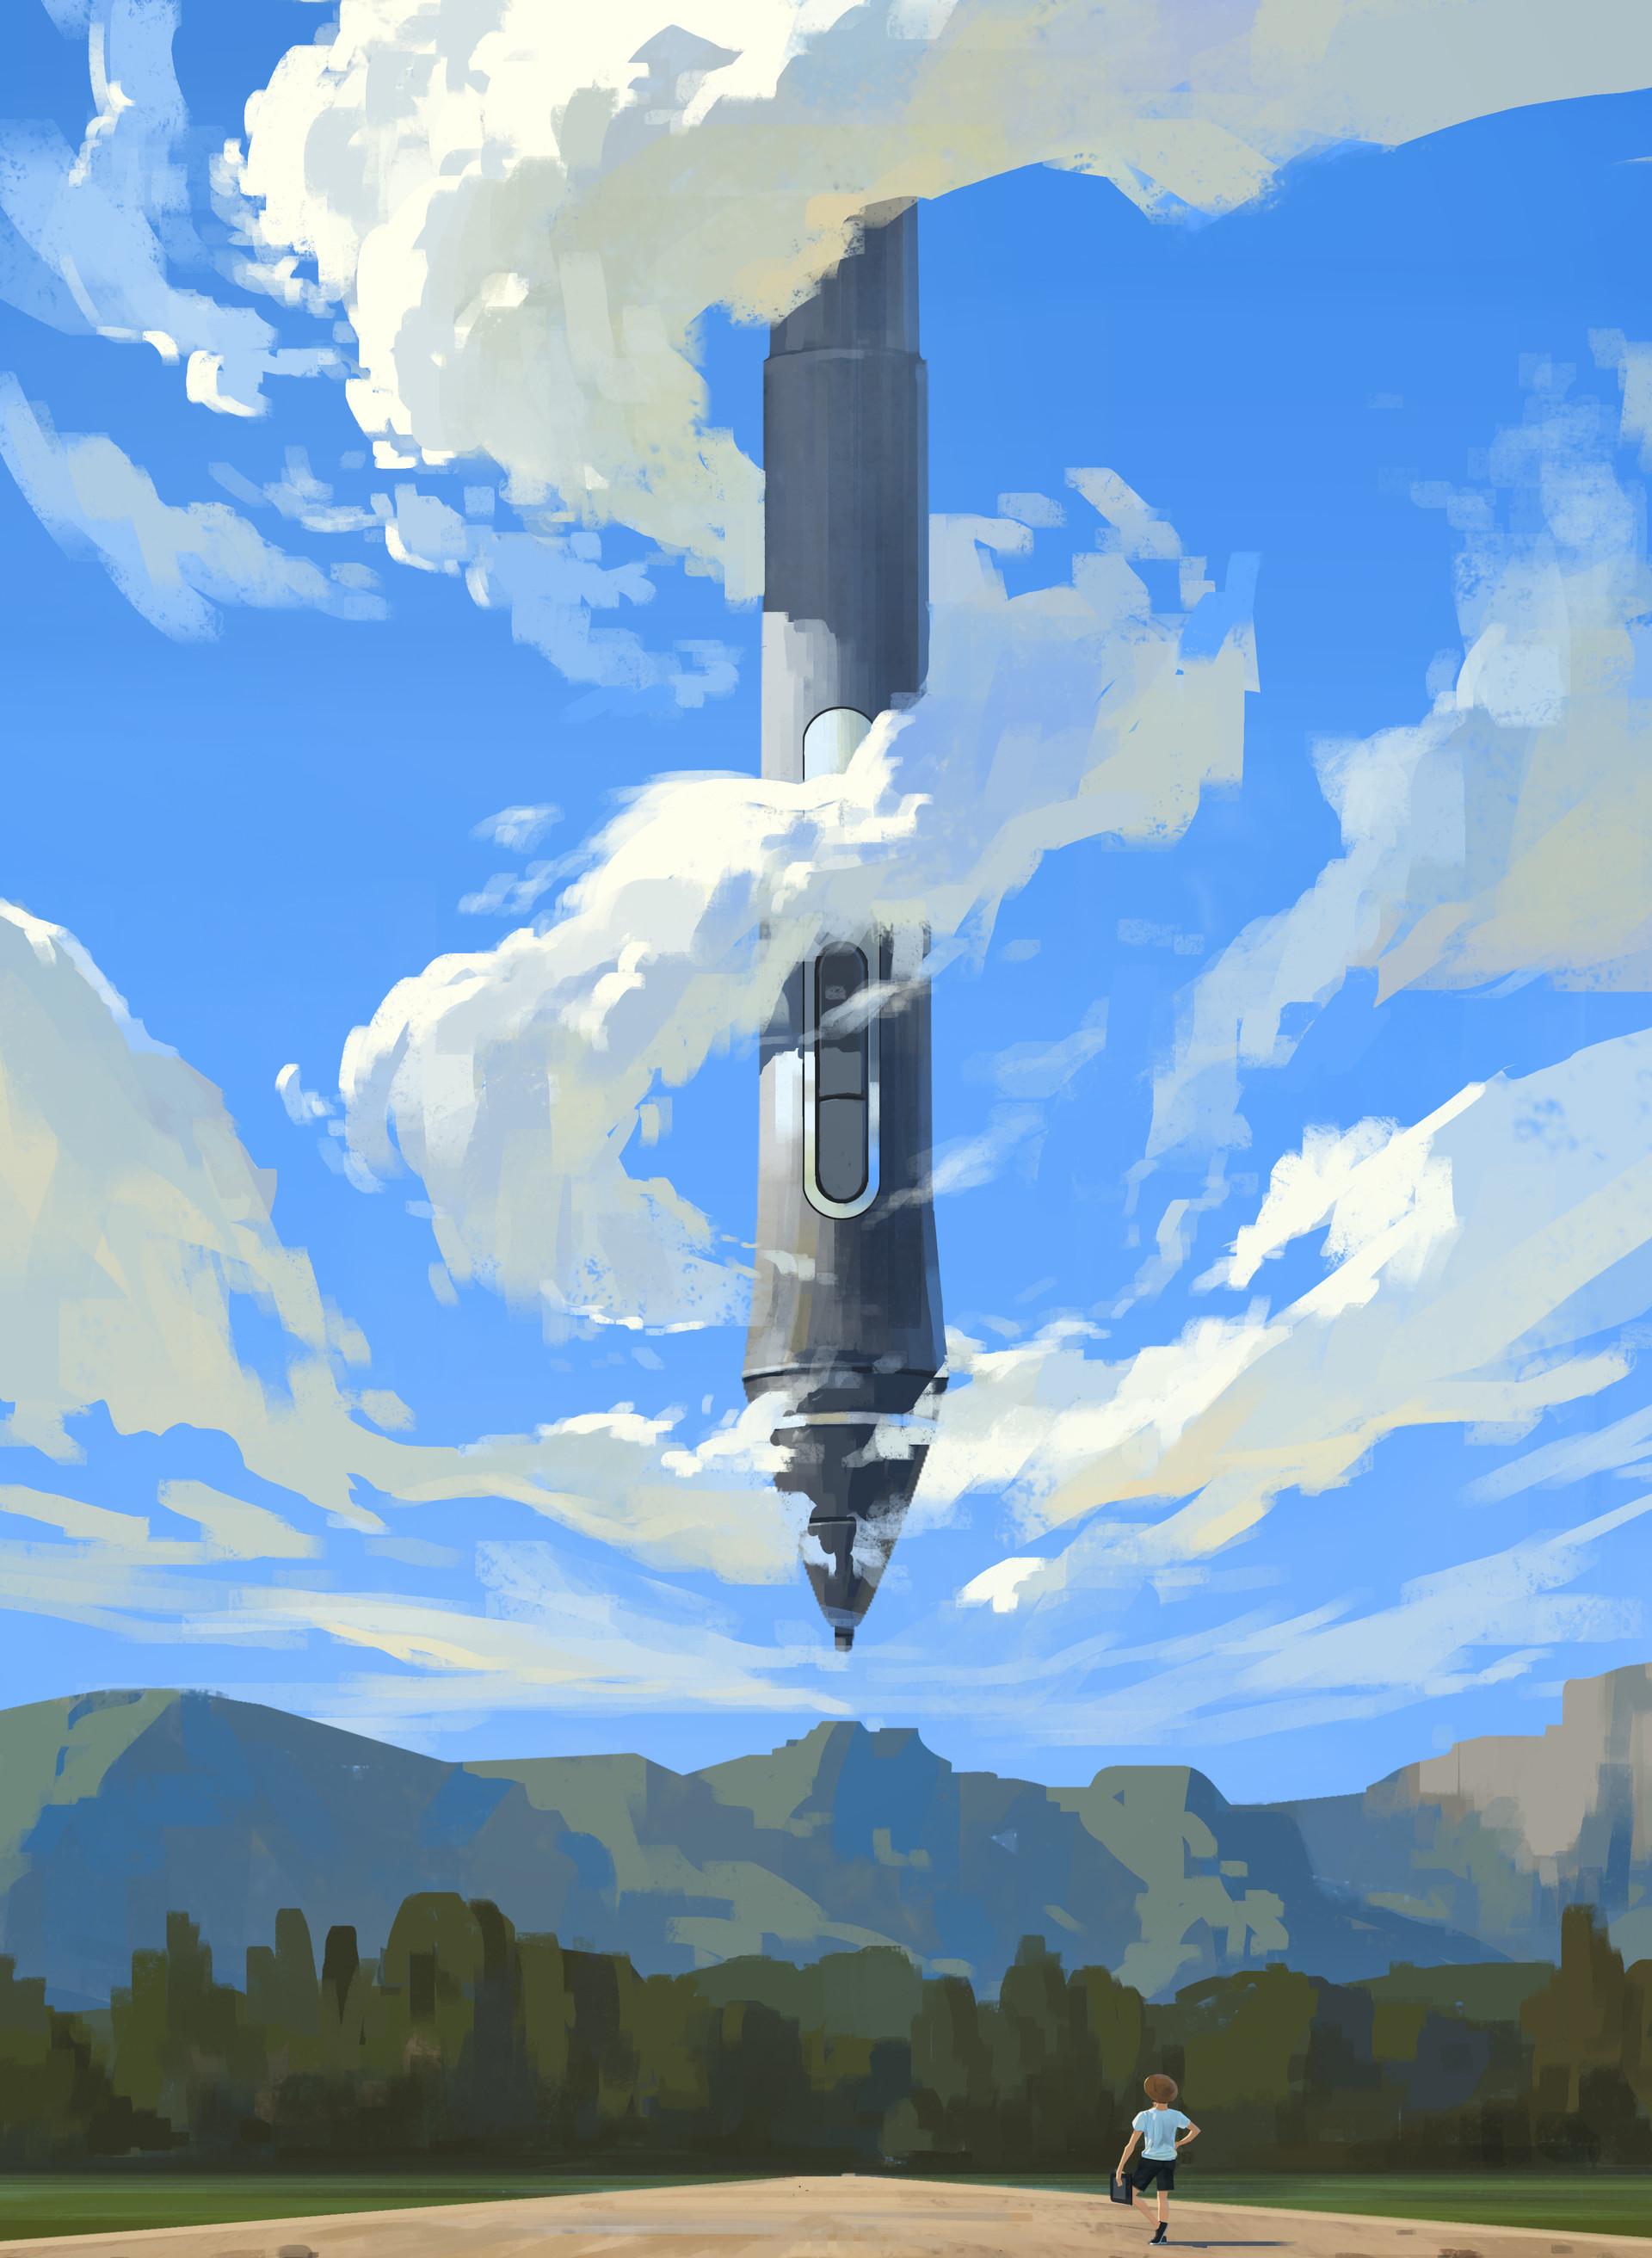 General 1920x2624 Shin jong hun painting pencils men clouds nature